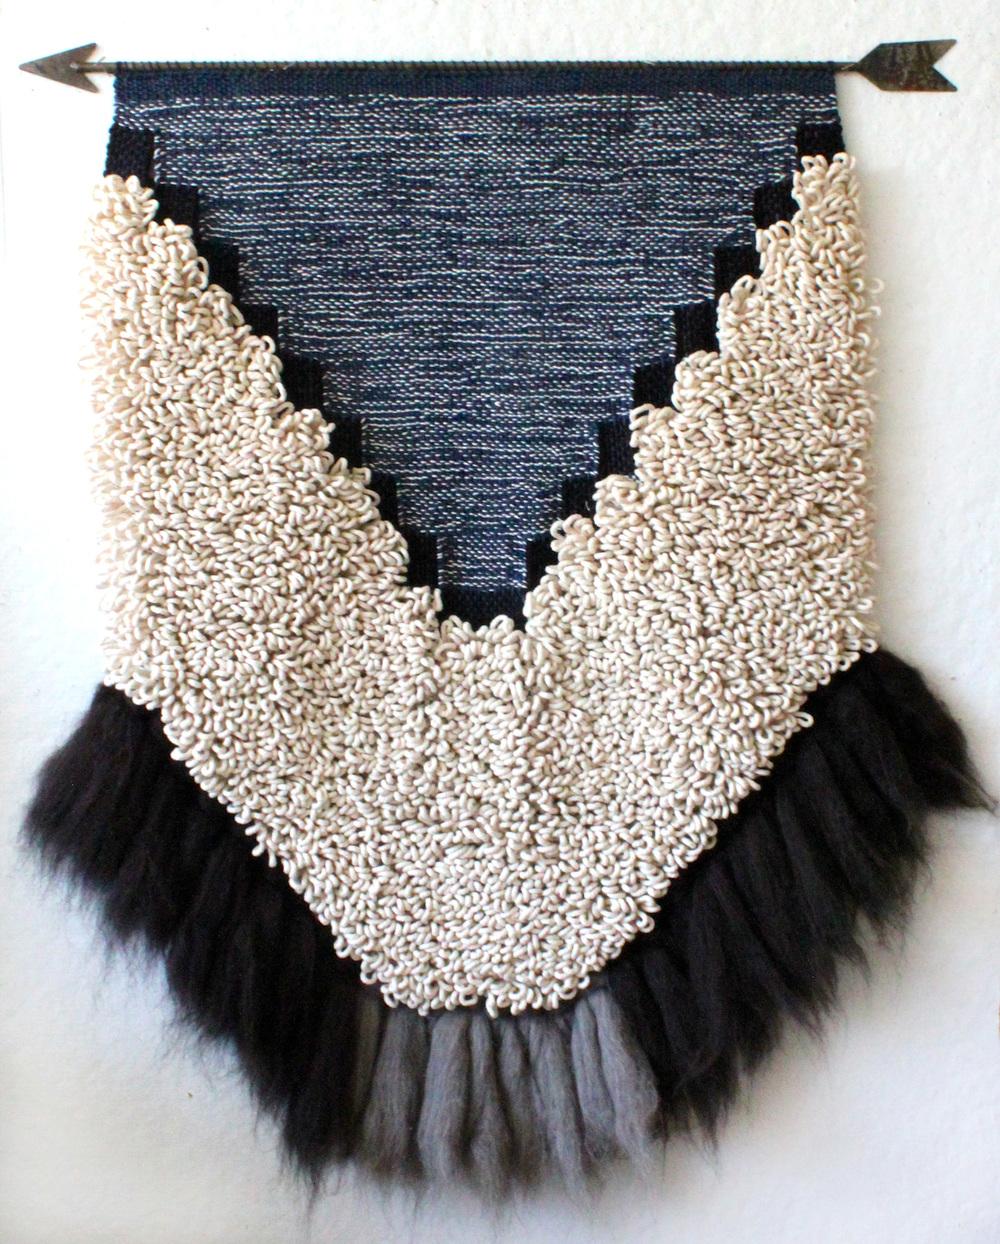 Cotton, wool, steel. 3' w x 4' h. 2015